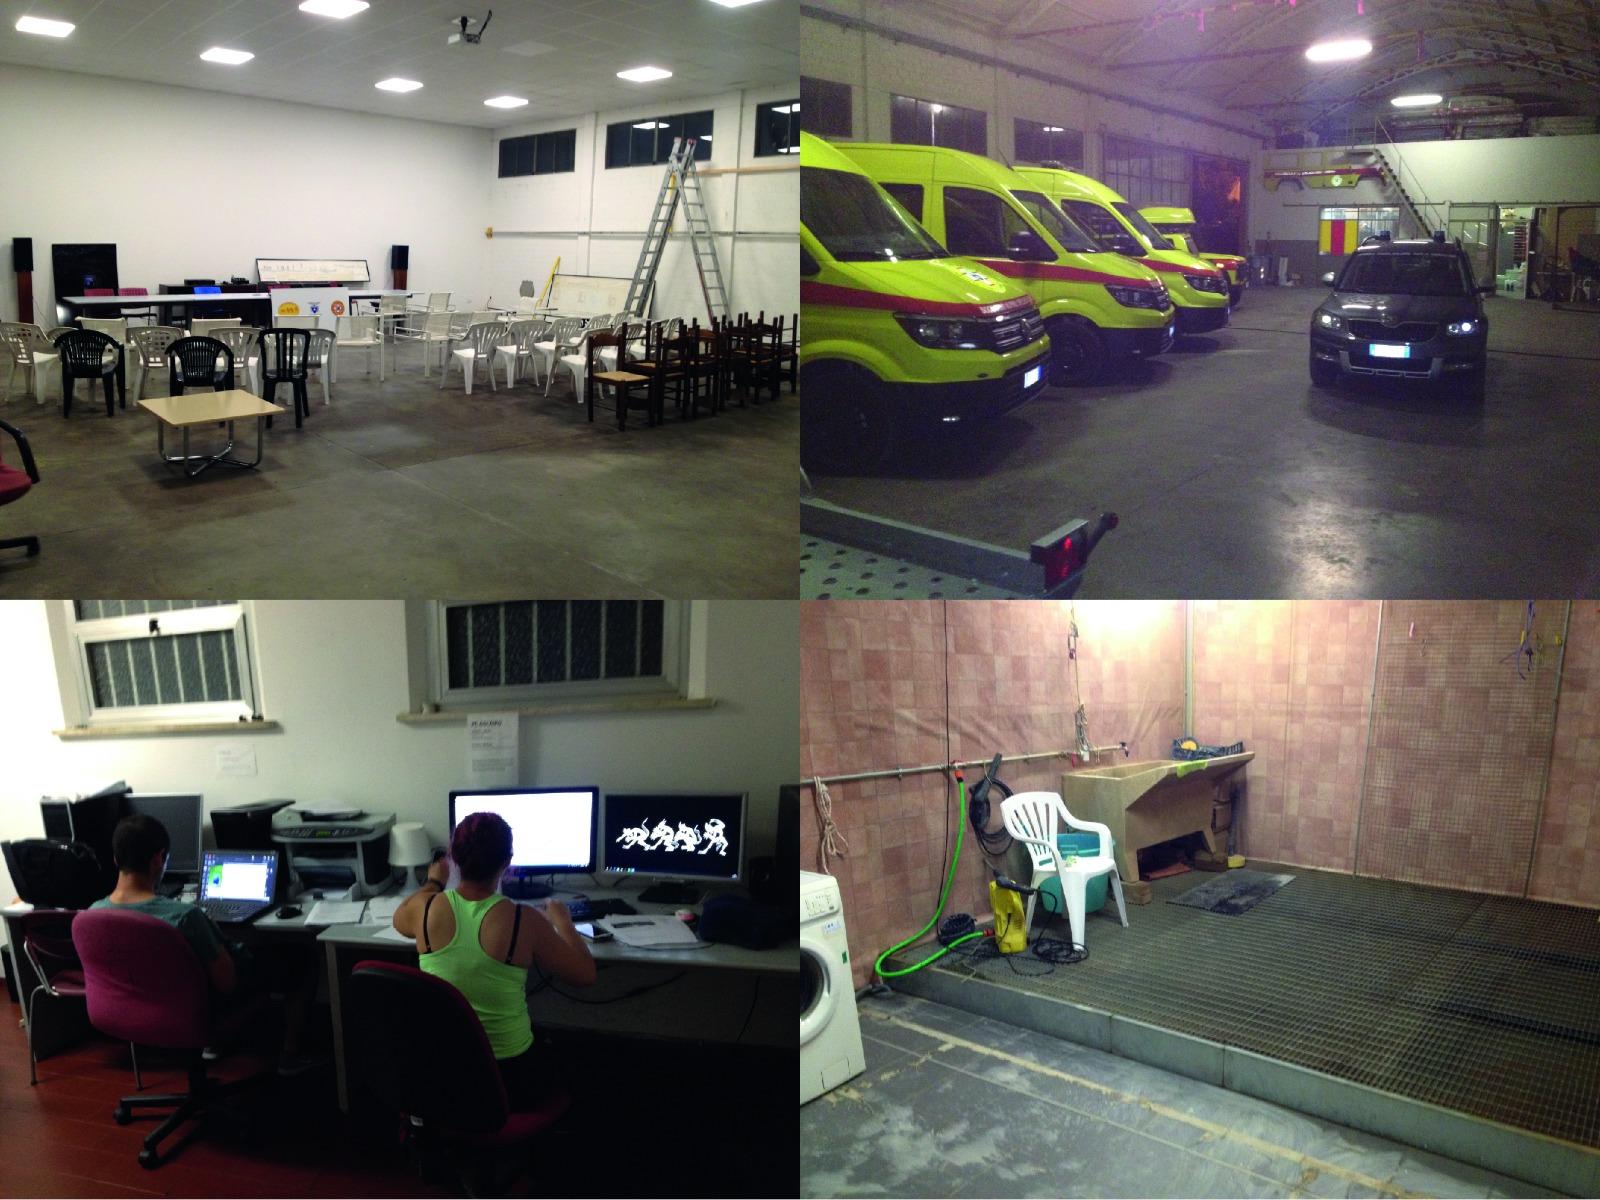 Slika 2. Prostorije kluba: Oružarstvo, zid za vježbanje tehnika, prostorija za prezentacije, soba s kompjuterima, soba za pranje opreme: sve se to nalazi u prostorijama kluba!